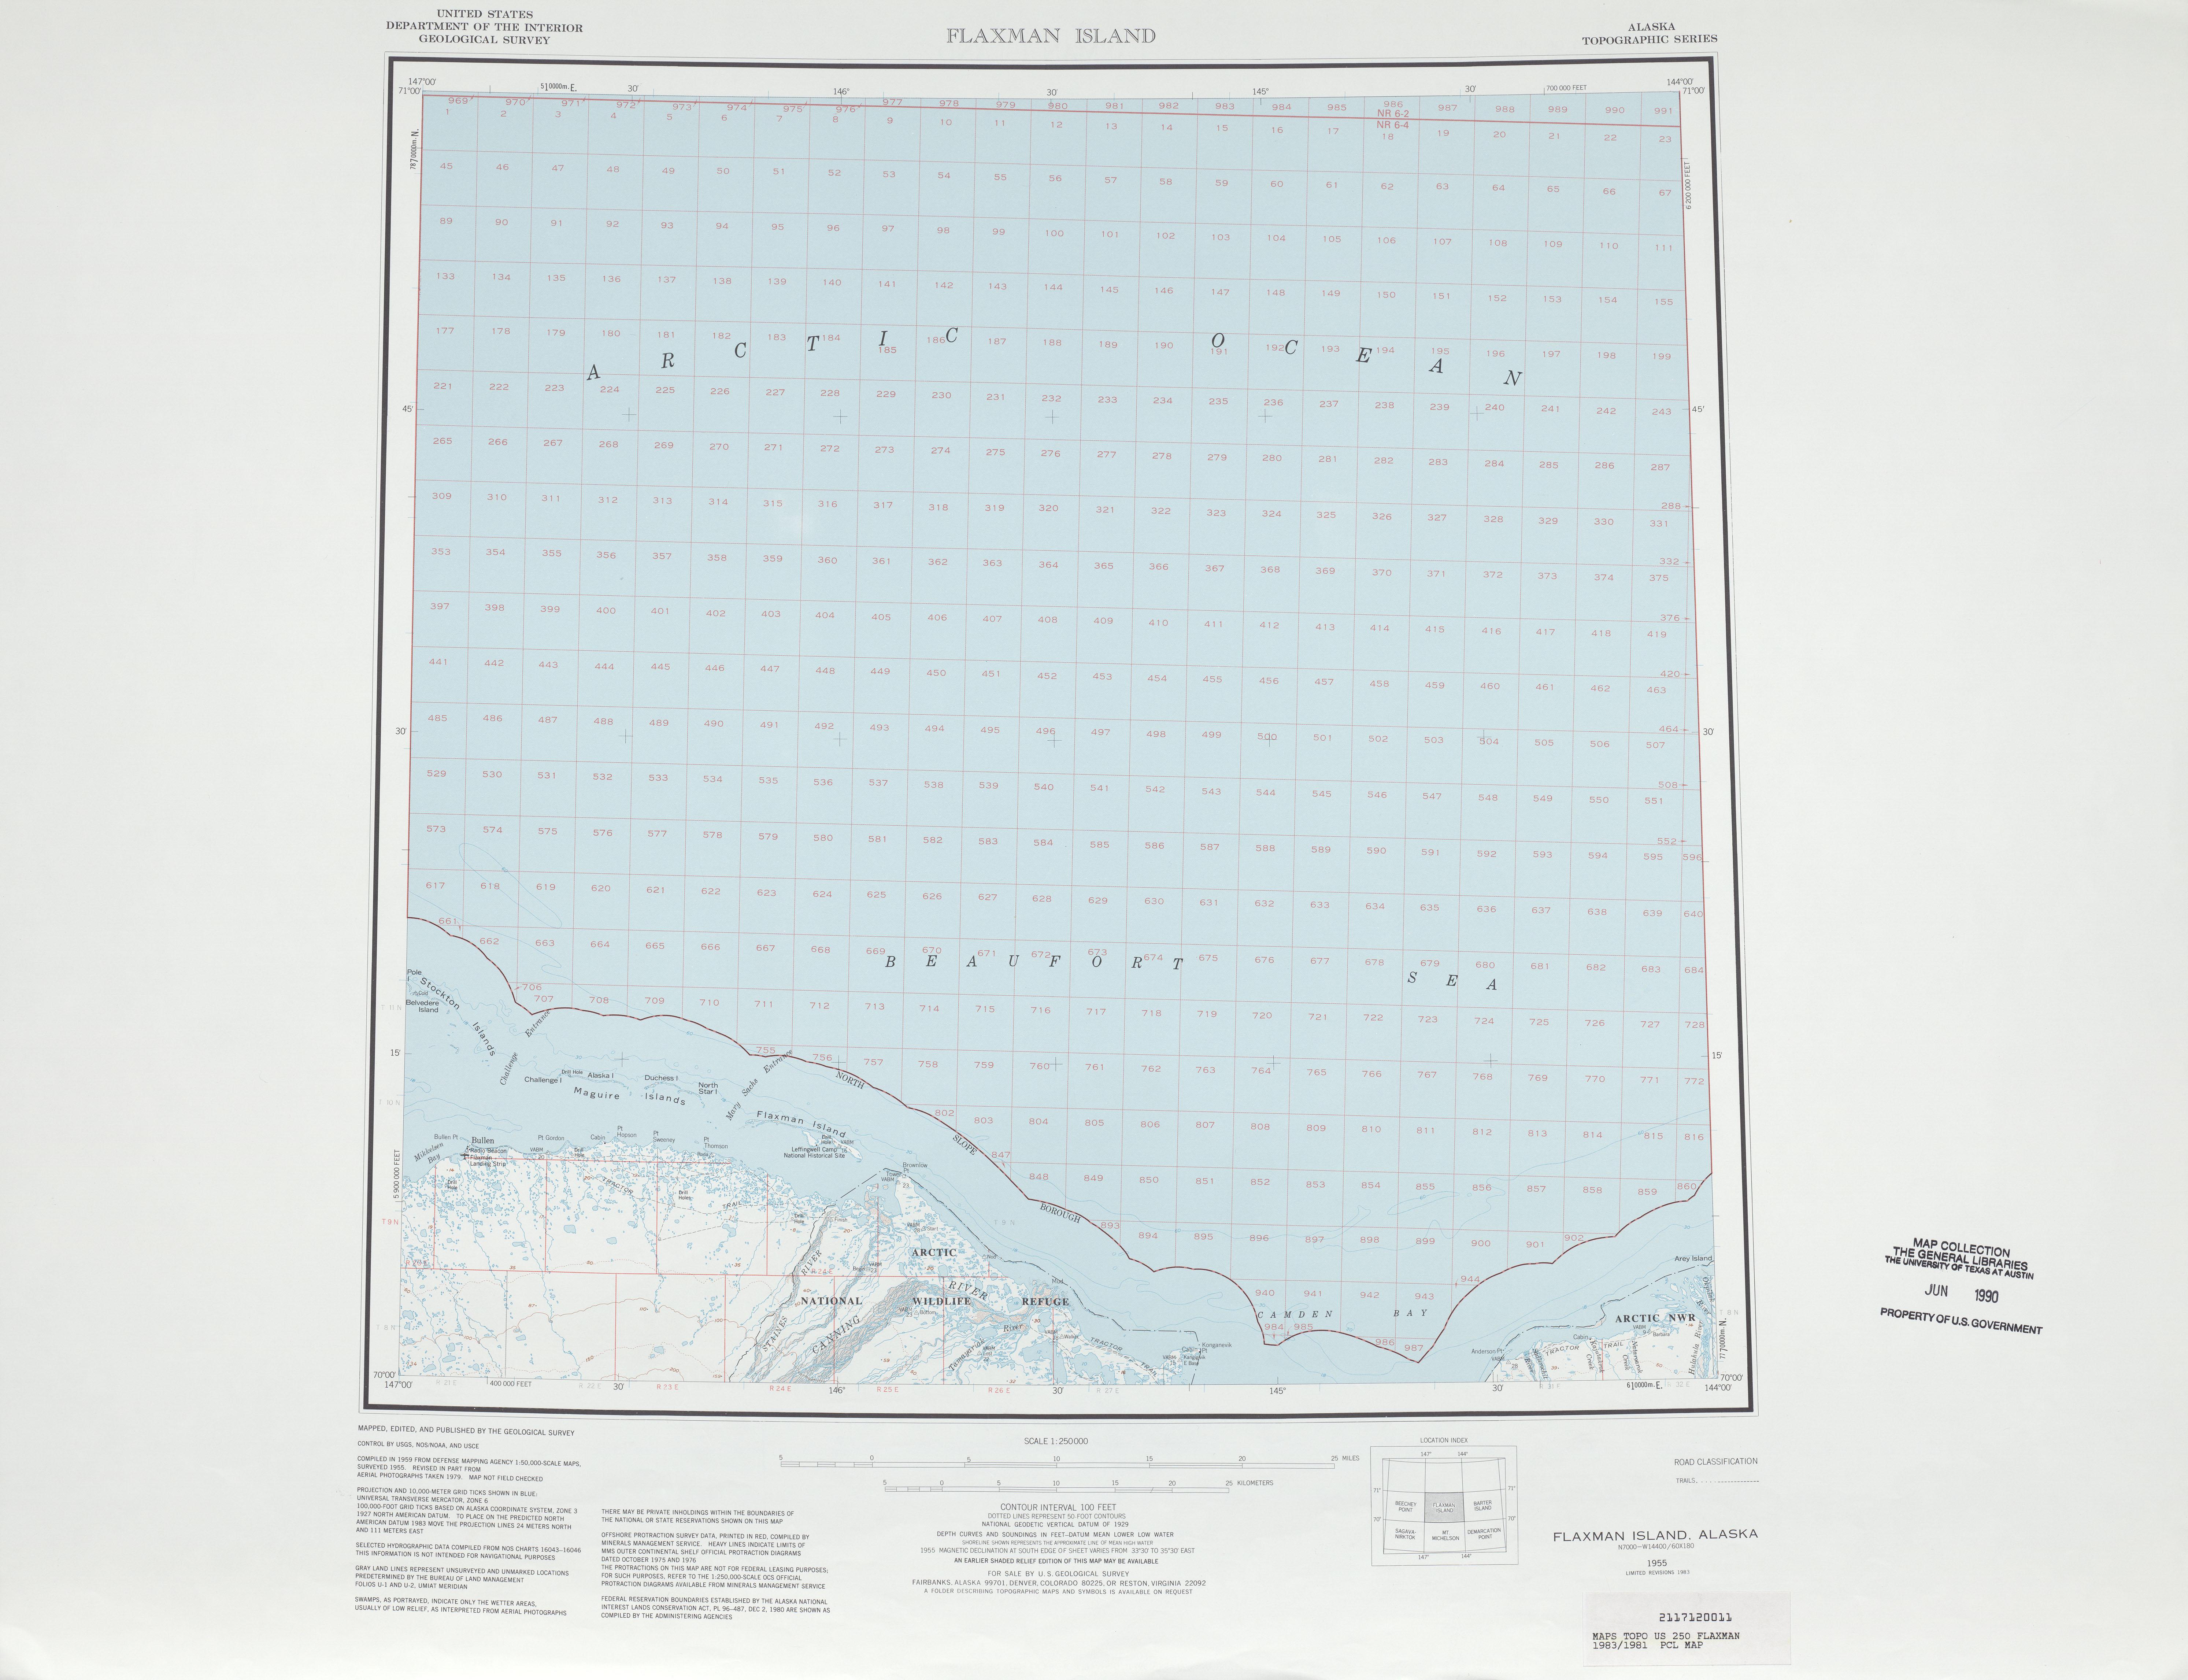 Hoja Flaxman Island del Mapa Topográfico de los Estados Unidos 1981